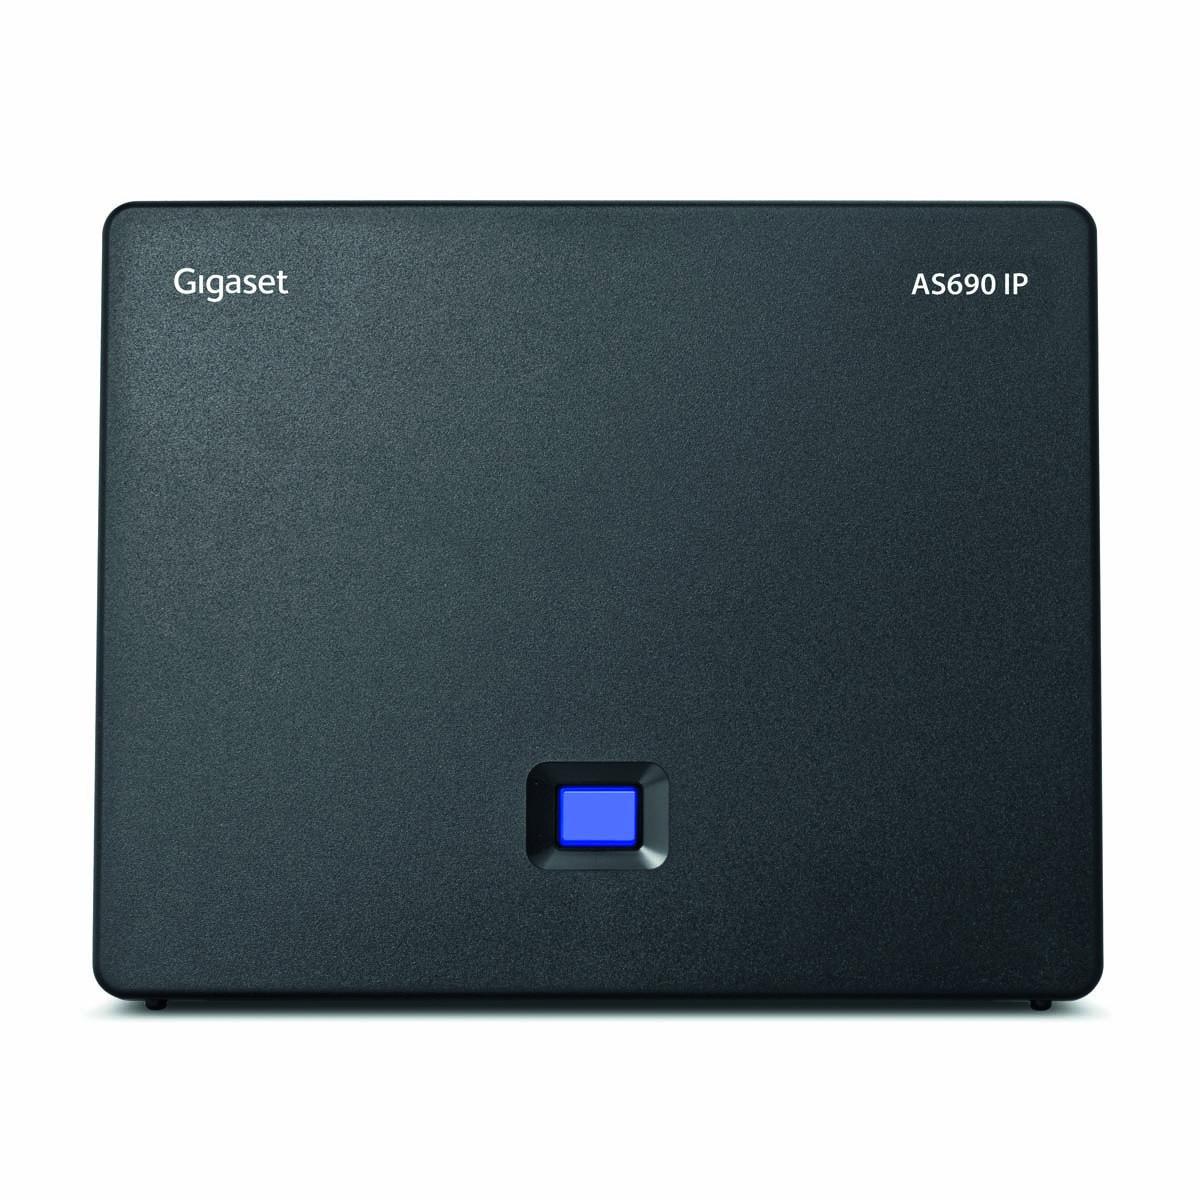 Gigaset AS690 IP